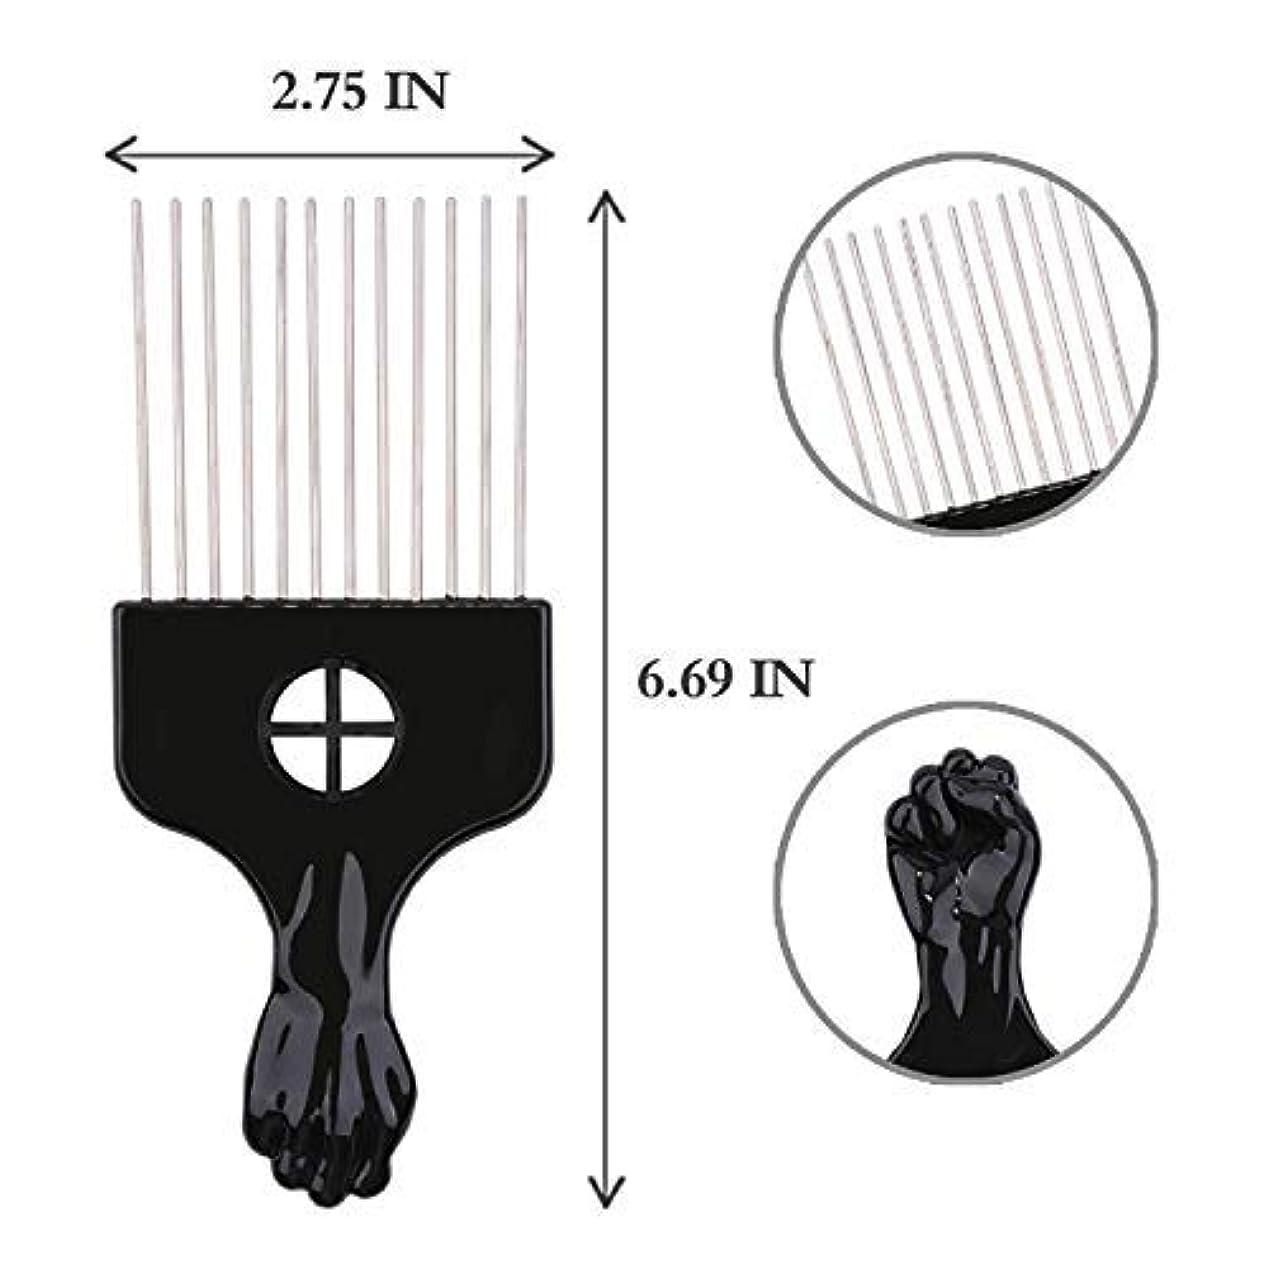 裁量前文チャネルAfro Hair Pik - Afro Styling Pick, Metal #2410: Untangle, Style, Lift (1 Pack), Hair style, lifts your hair, untangles...